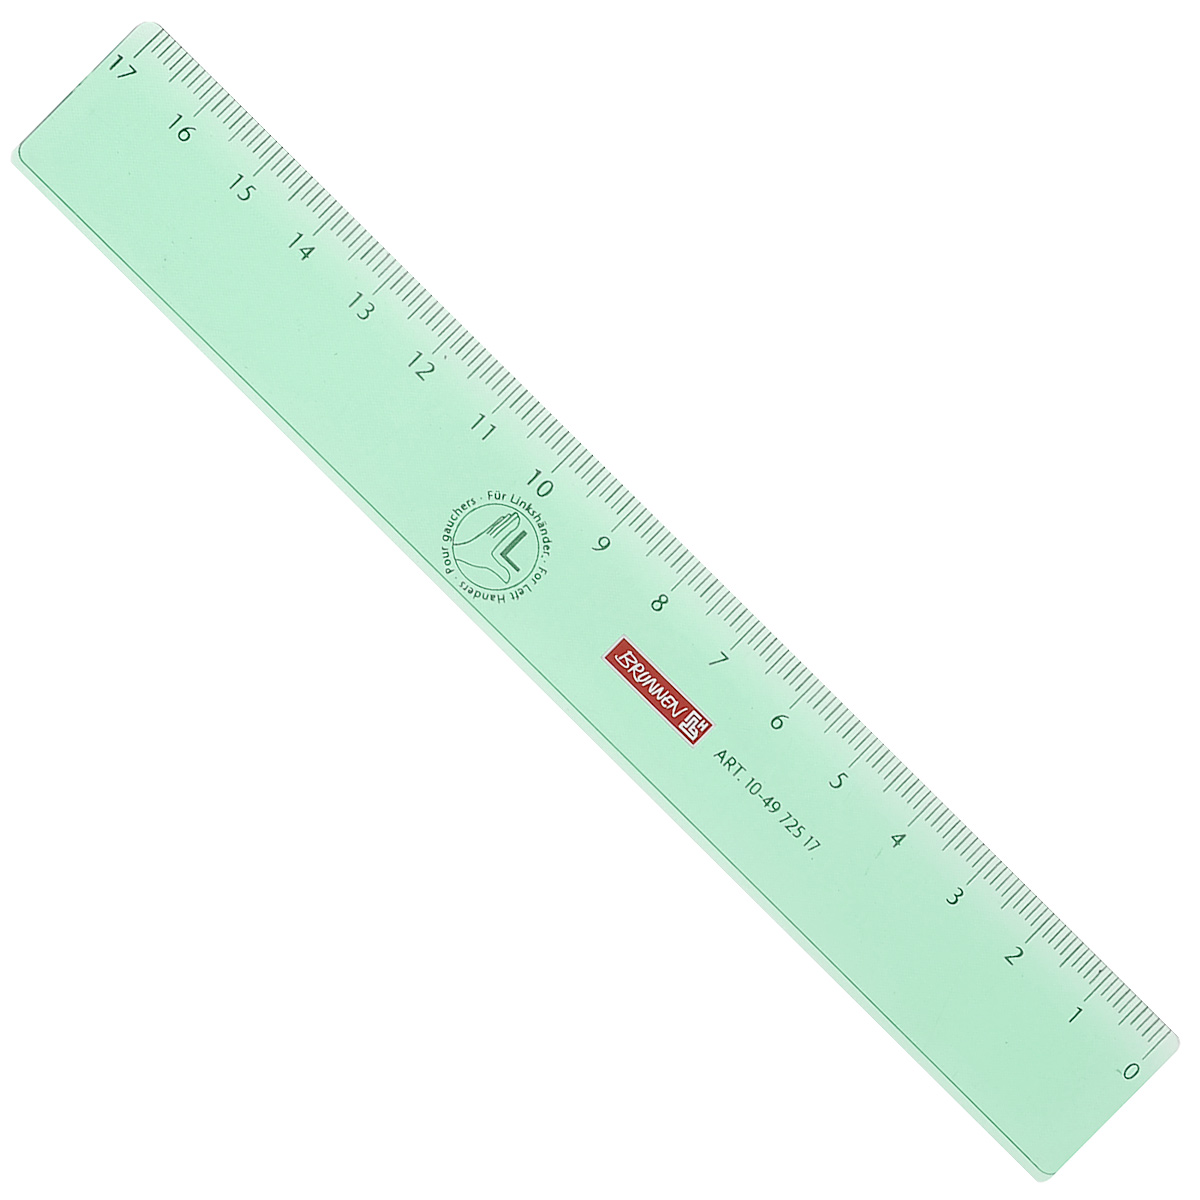 Линейка для левши Brunnen, цвет: зеленый, 17 см279410_салатовыйЛинейка Brunnen, длиной 17 см, выполнена из прозрачного пластика зеленого цвета. Линейка предназначена специально для левшей. Шкала на линейке расположена справа налево. Линейка Brunnen - это незаменимый атрибут, необходимый школьнику или студенту, упрощающий измерение и обеспечивающий ровность проводимых линий.